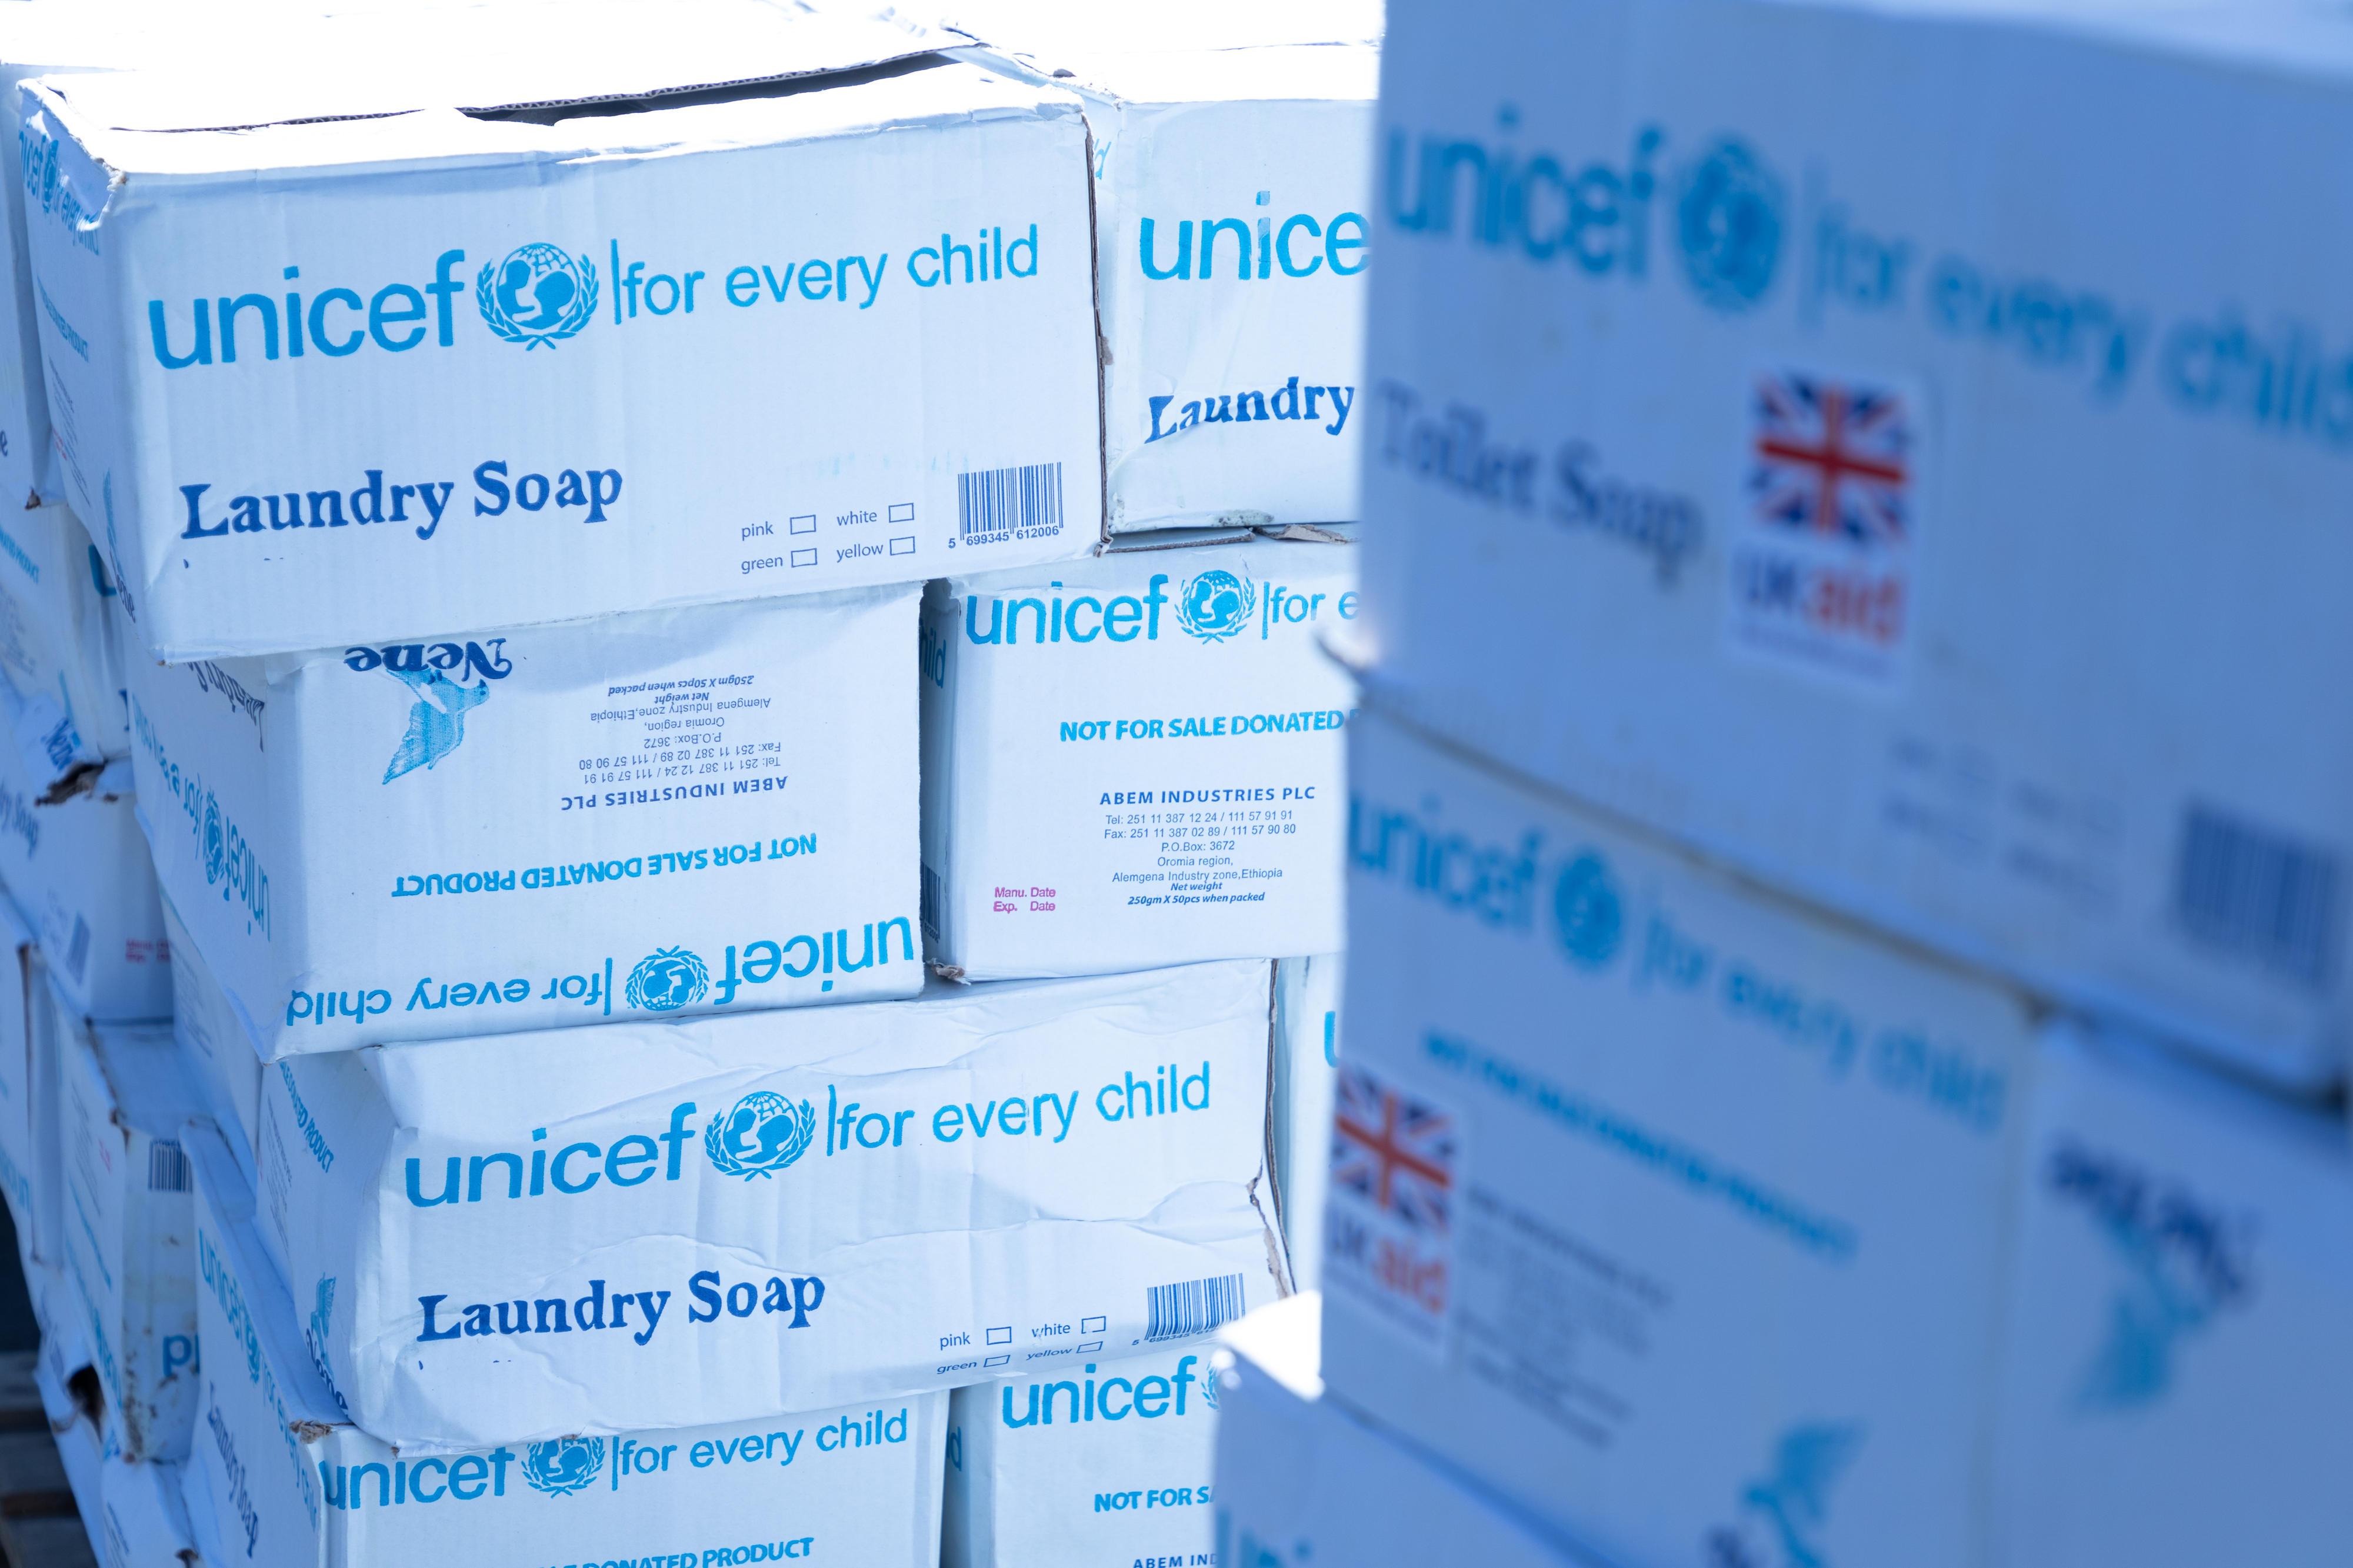 UNICEF Äthiopien verteilt lebenswichtige Hilfsgüter für Gesundheit, Ernährung, sanitäre Einrichtungen und Hygiene in der Region Tigray.